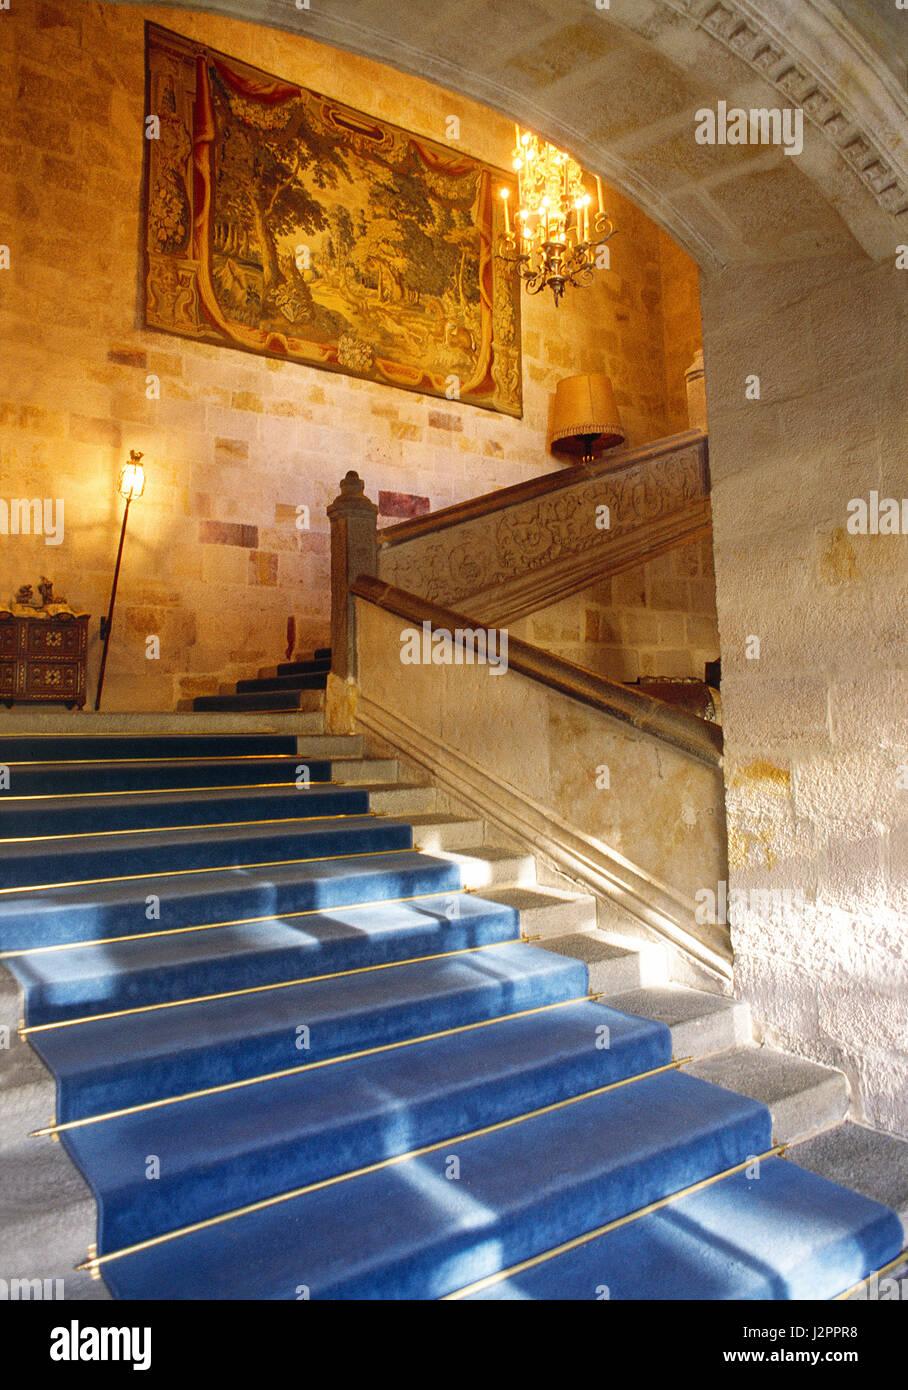 Staircase. Parador, Zamora, Castilla Leon, Spain. - Stock Image